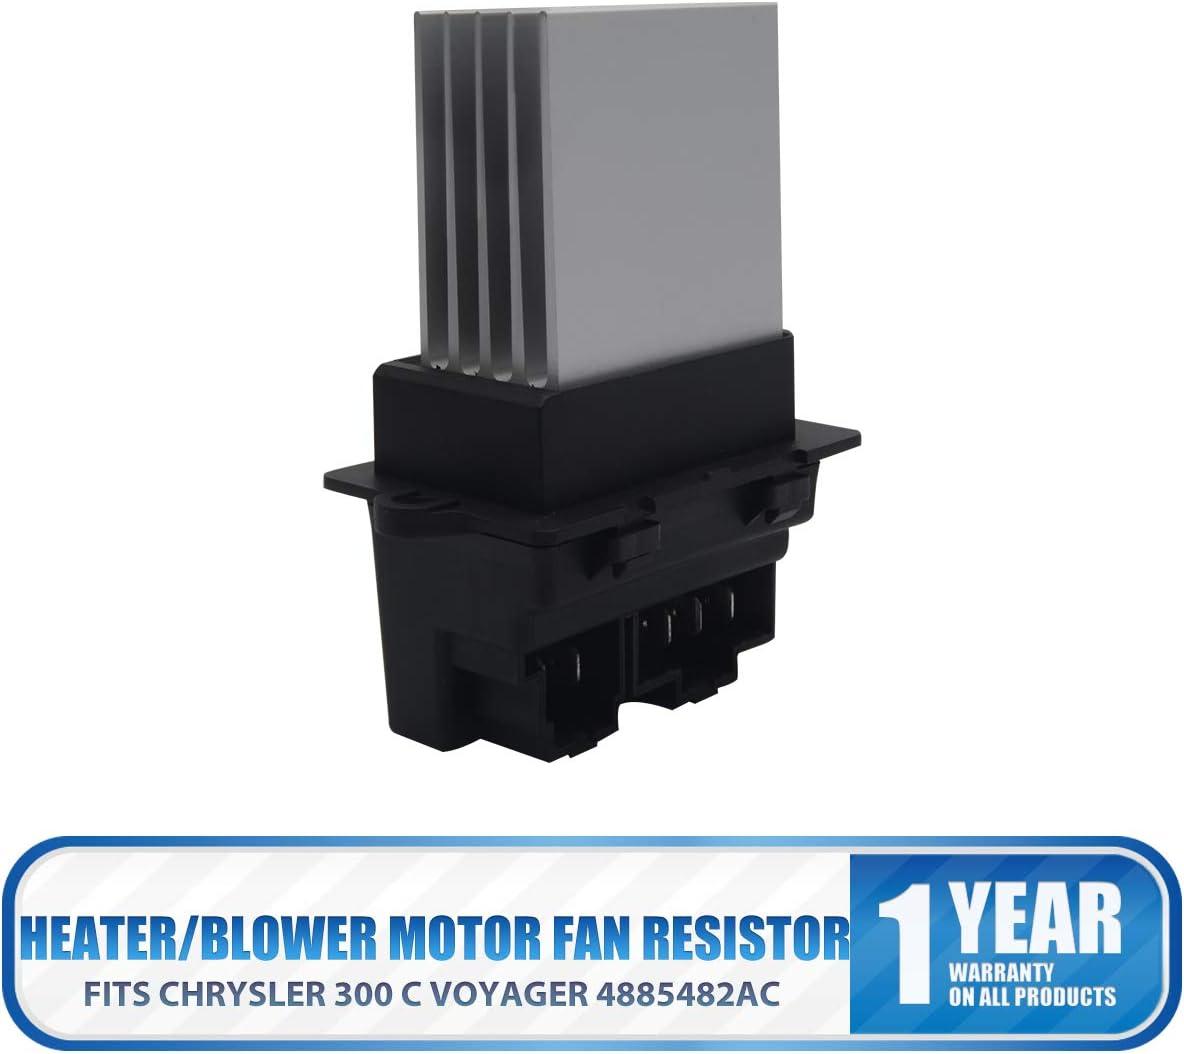 BMW X5 X3 M5 2000-2005 Heater//Blower Motor Fan Resistor 64116923204